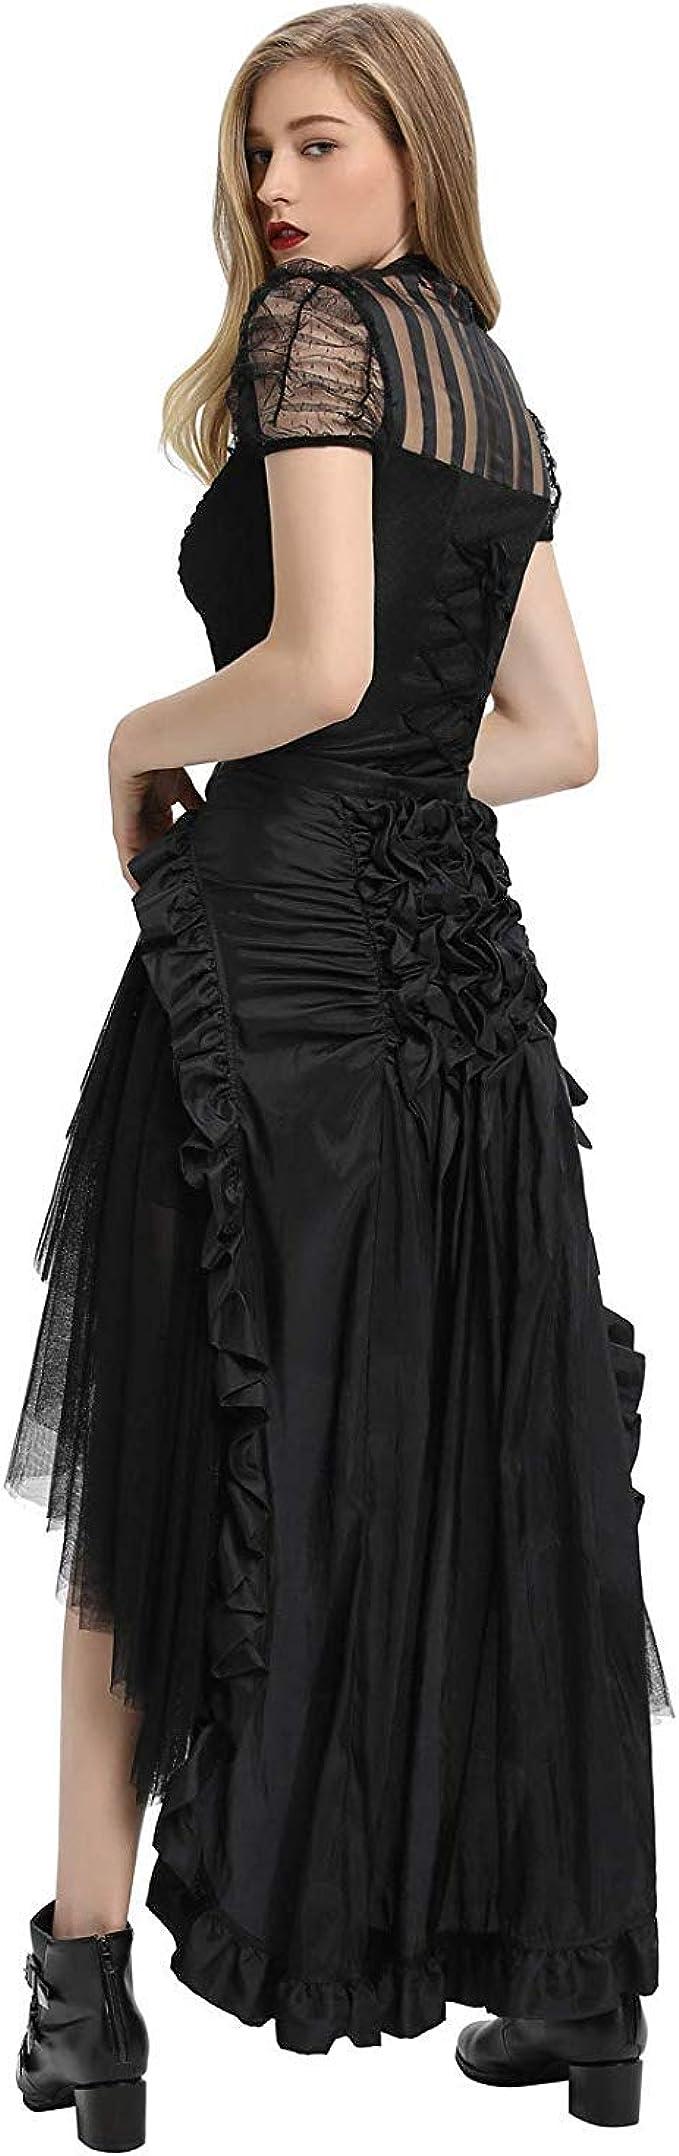 Zexxxy - Falda pirata, Steampunk, victoriana, gótica, Lolita para ...